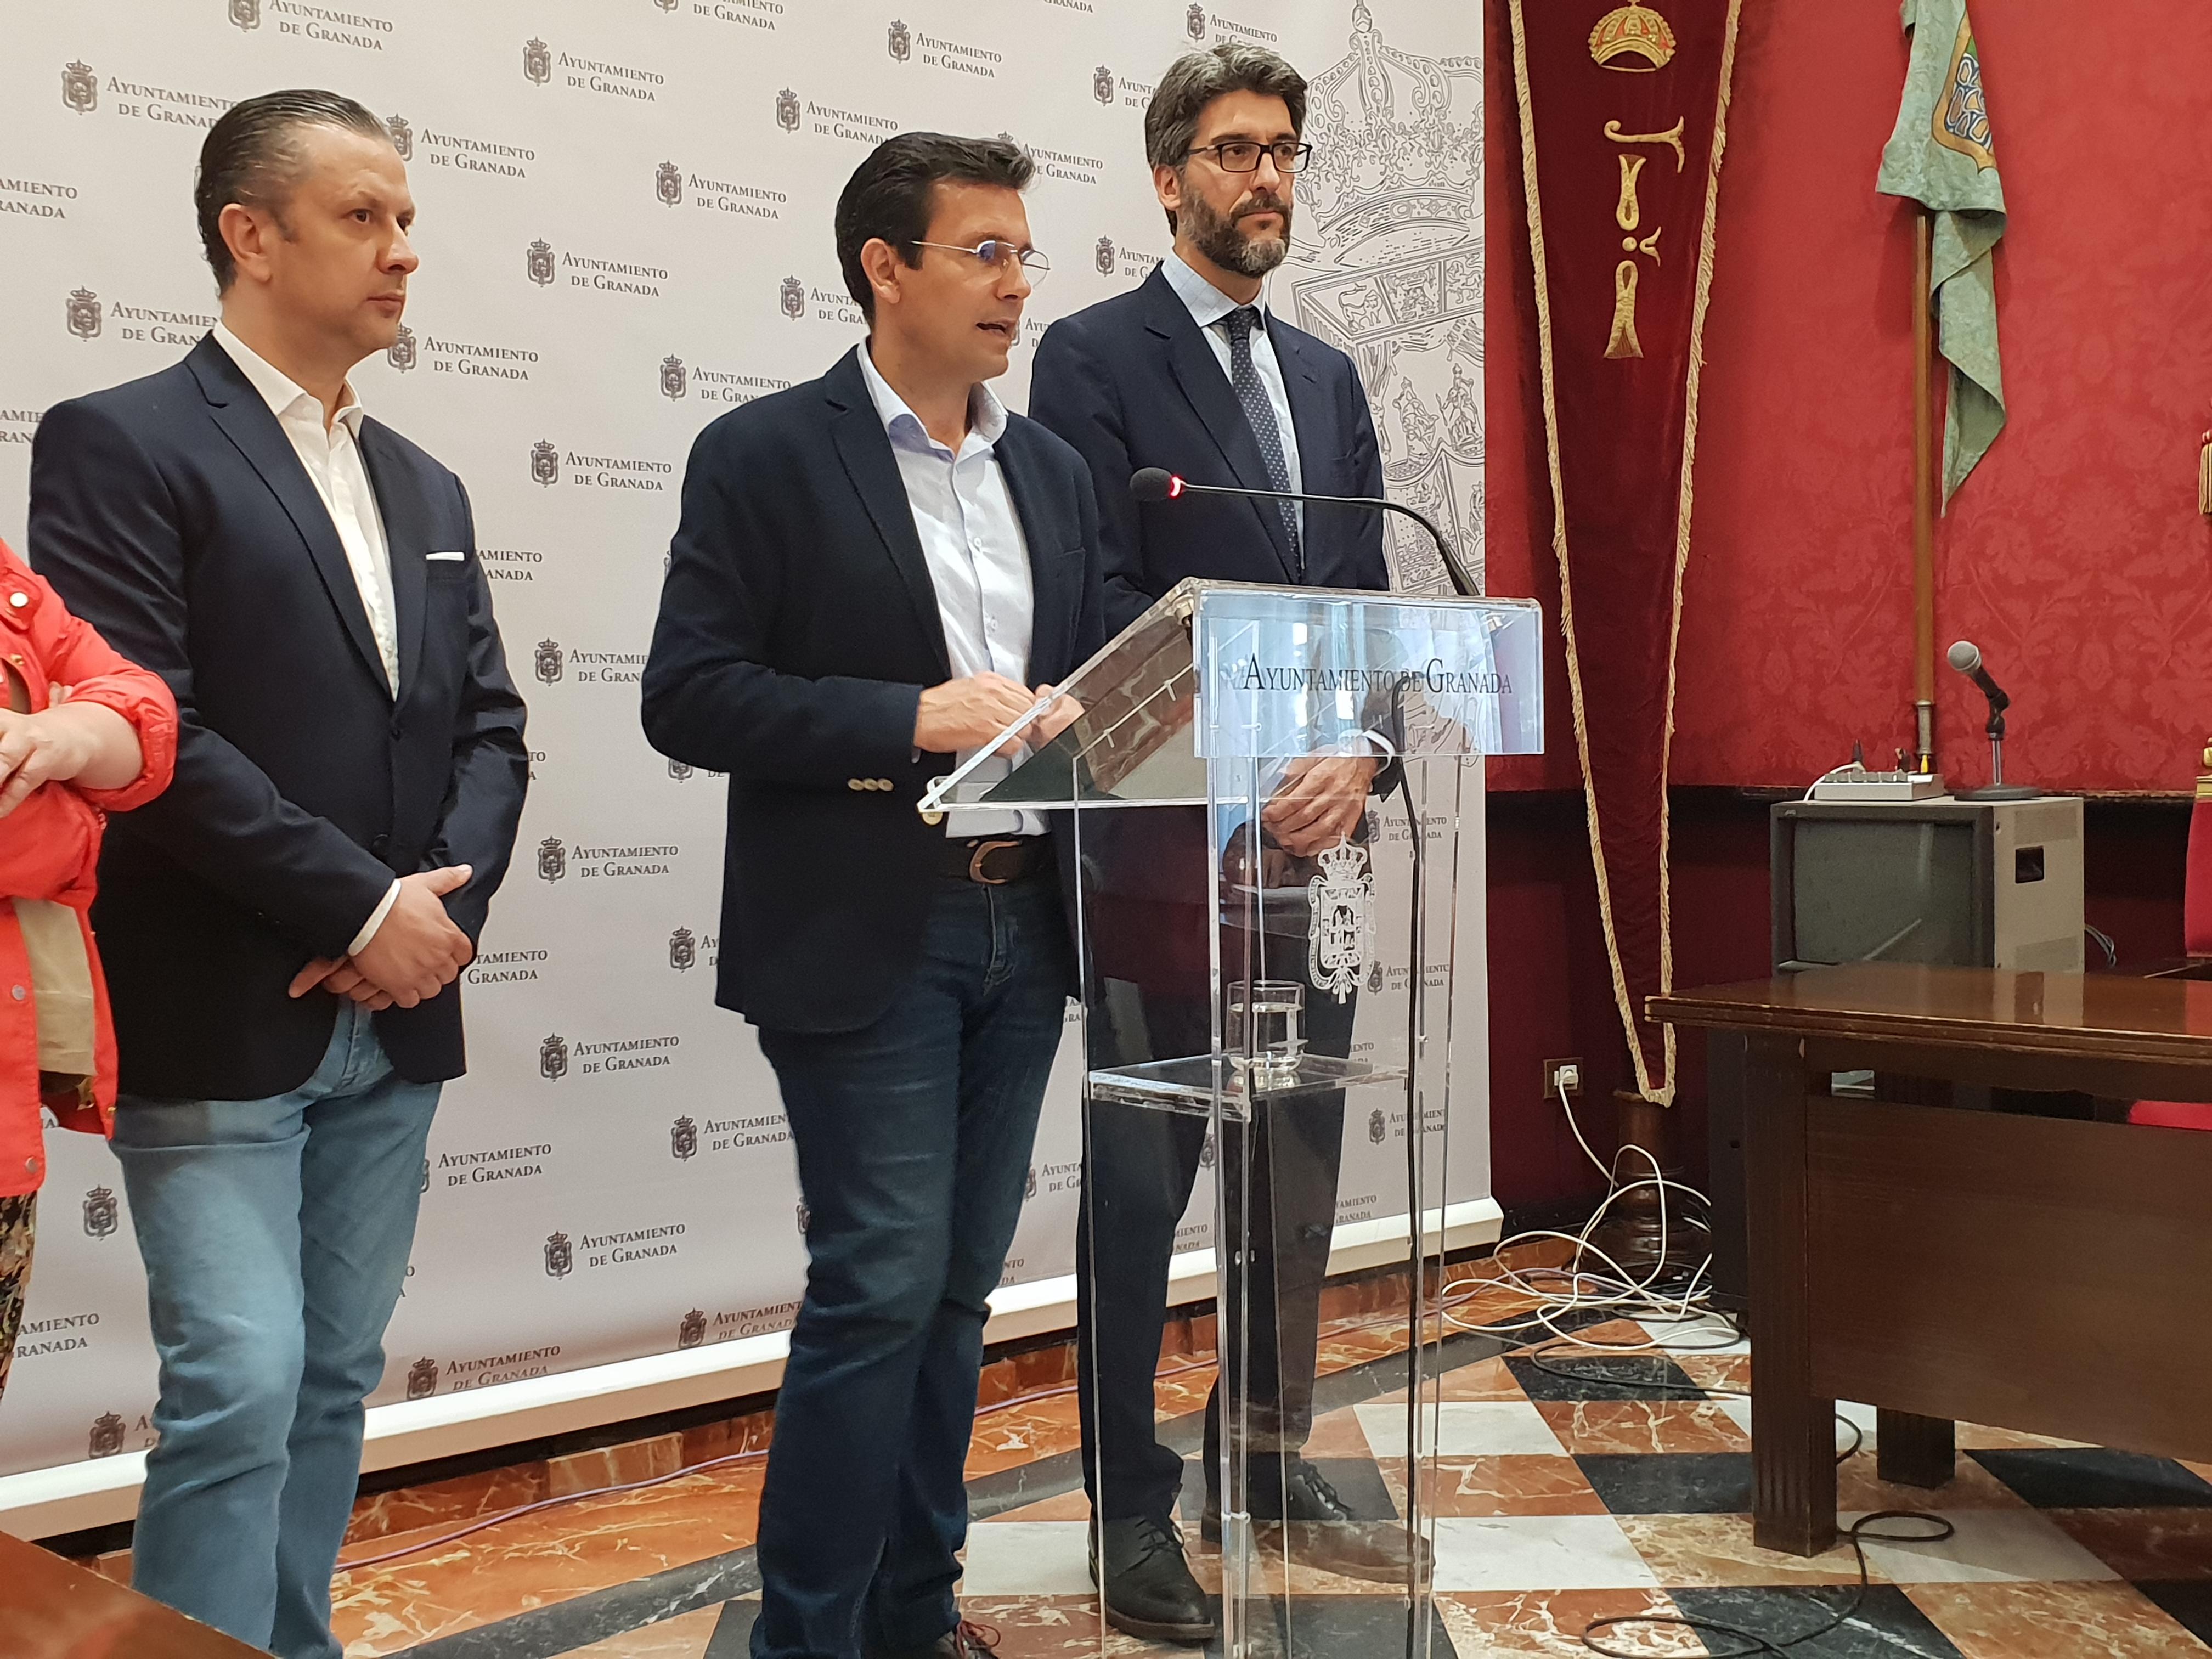 Cuenca se compromete a crear un Parque Tecnológico en el Cortijo del Conde